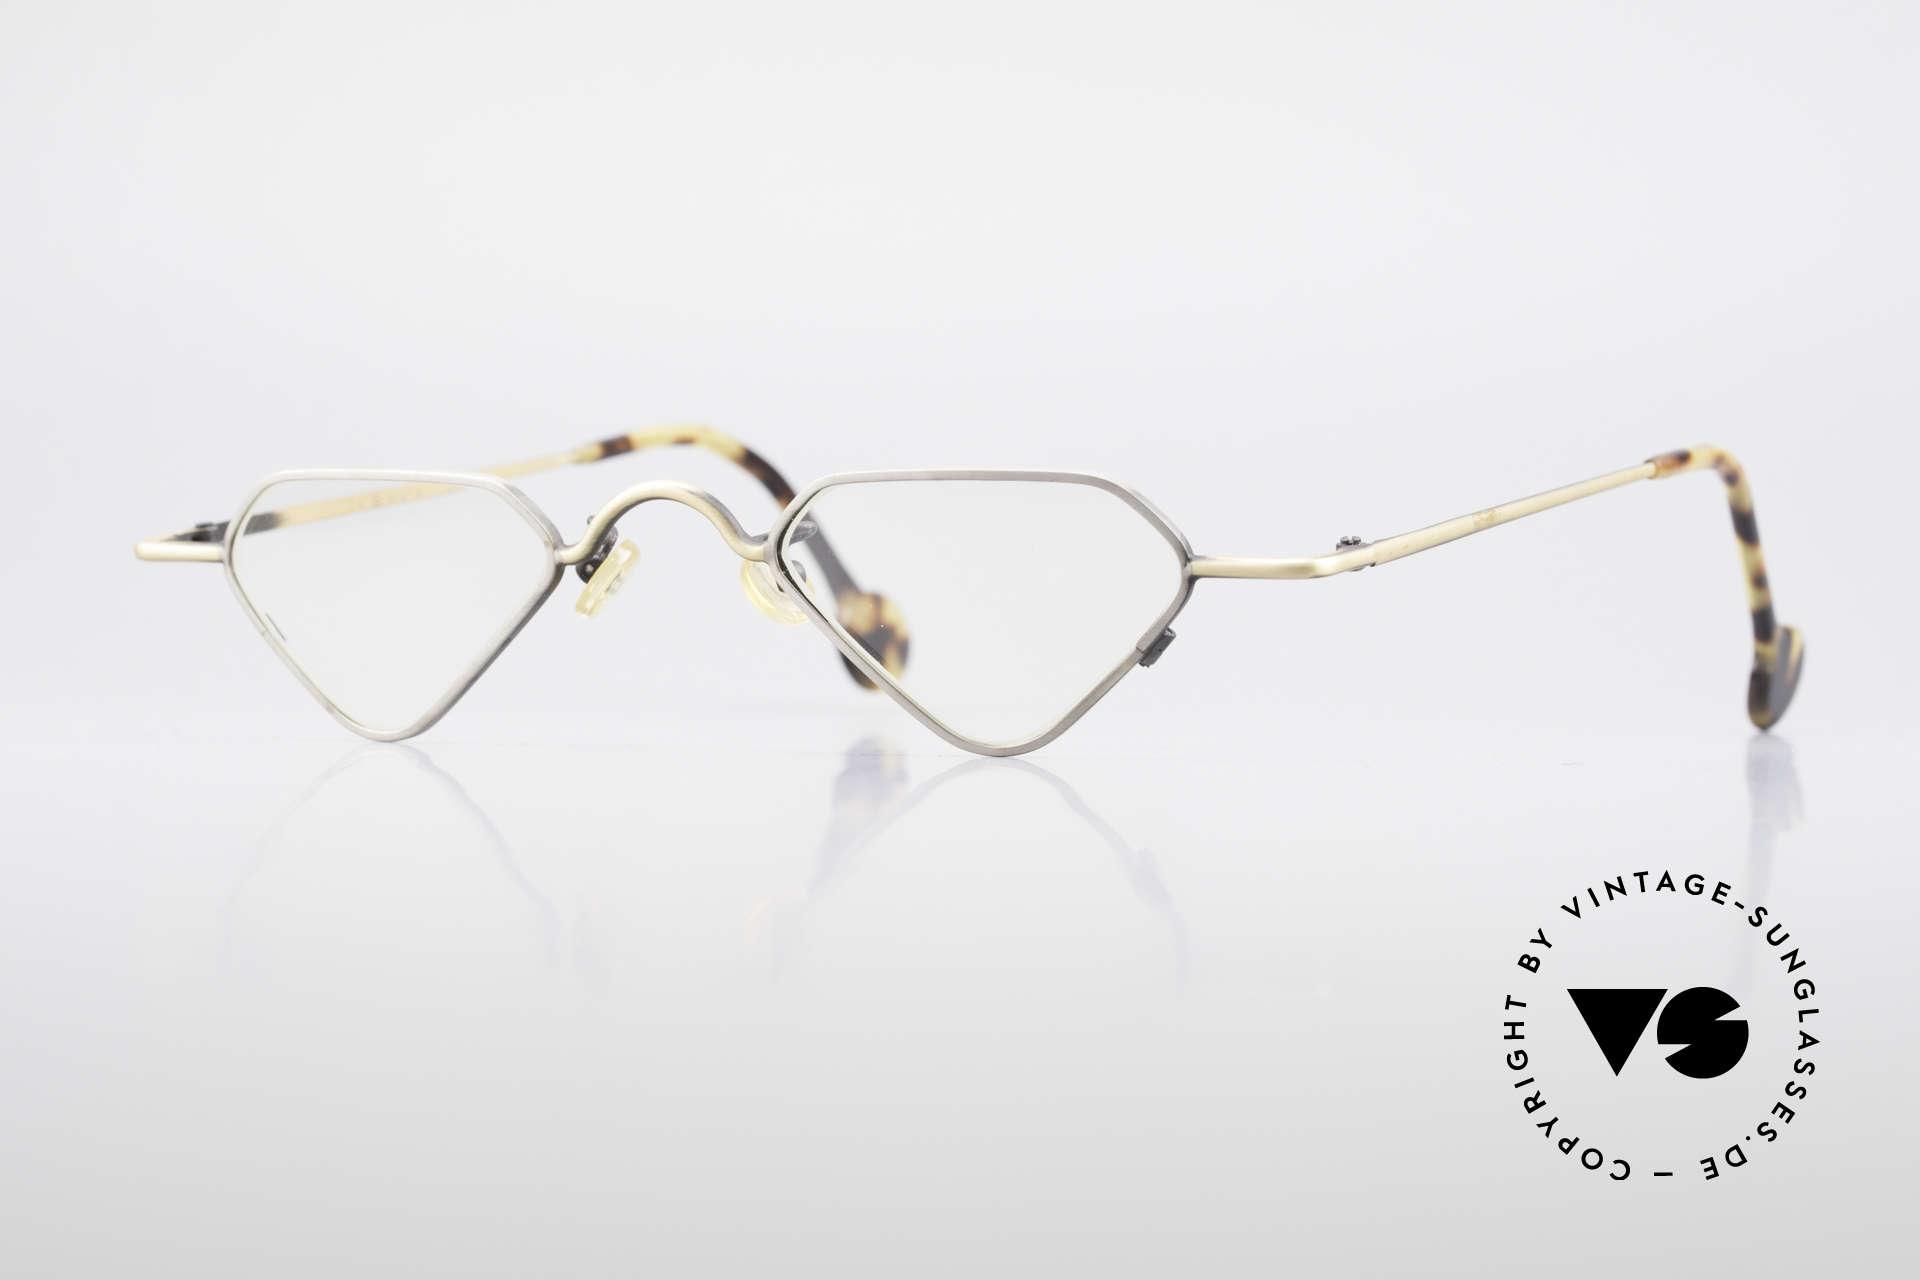 L.A. Eyeworks Millie 403 Außergewöhnliche Lesebrille, interessante vintage Lese-Brille von L.A. EYEWORKS, Passend für Herren und Damen